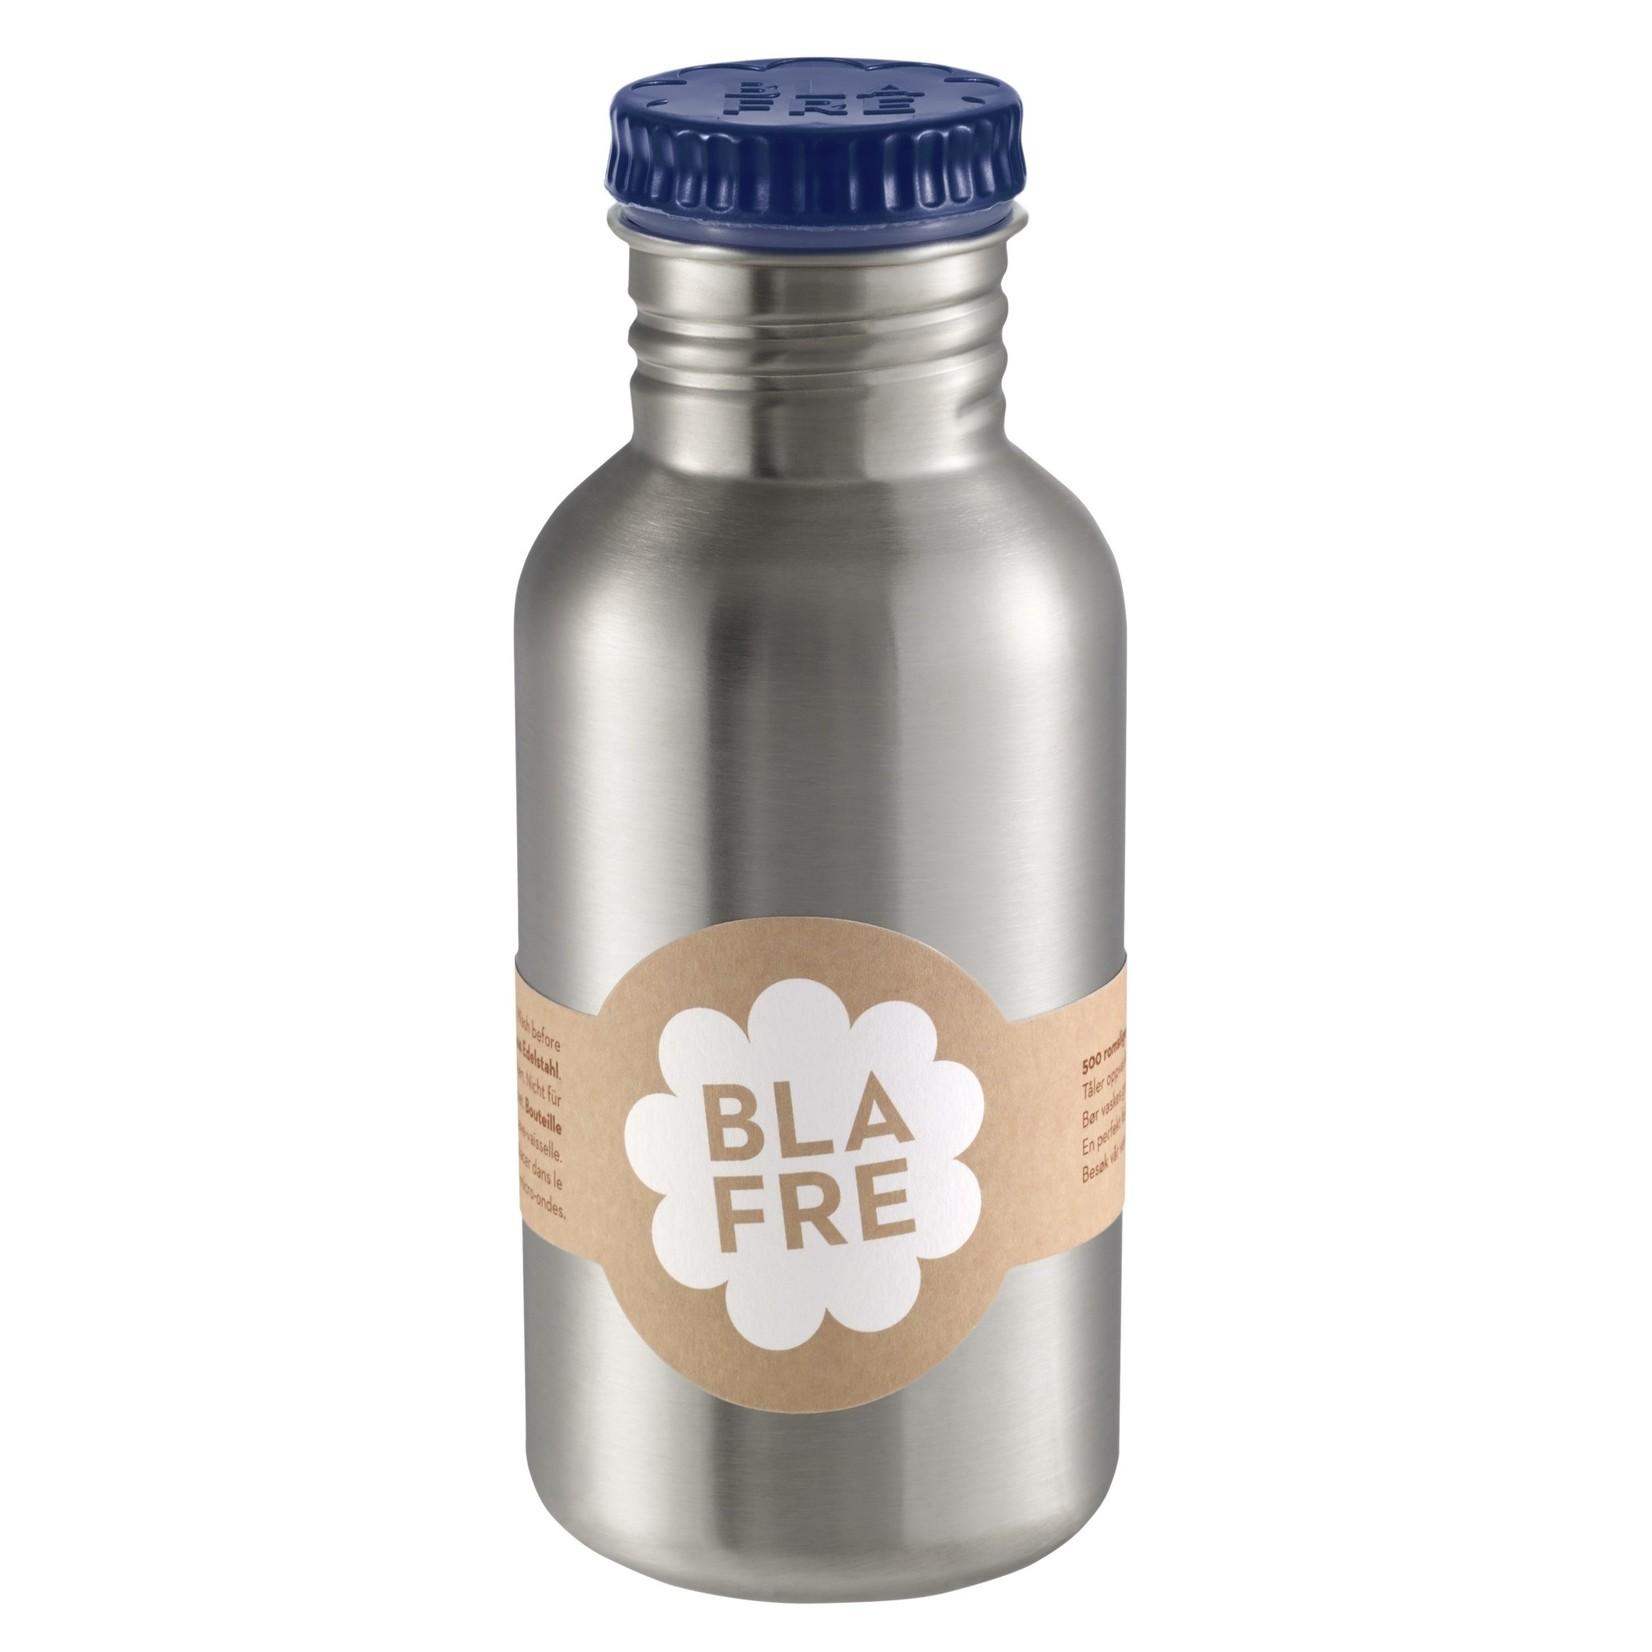 BLAFRE Edelstahltrinkflasche für Kinder von Blafre in navy